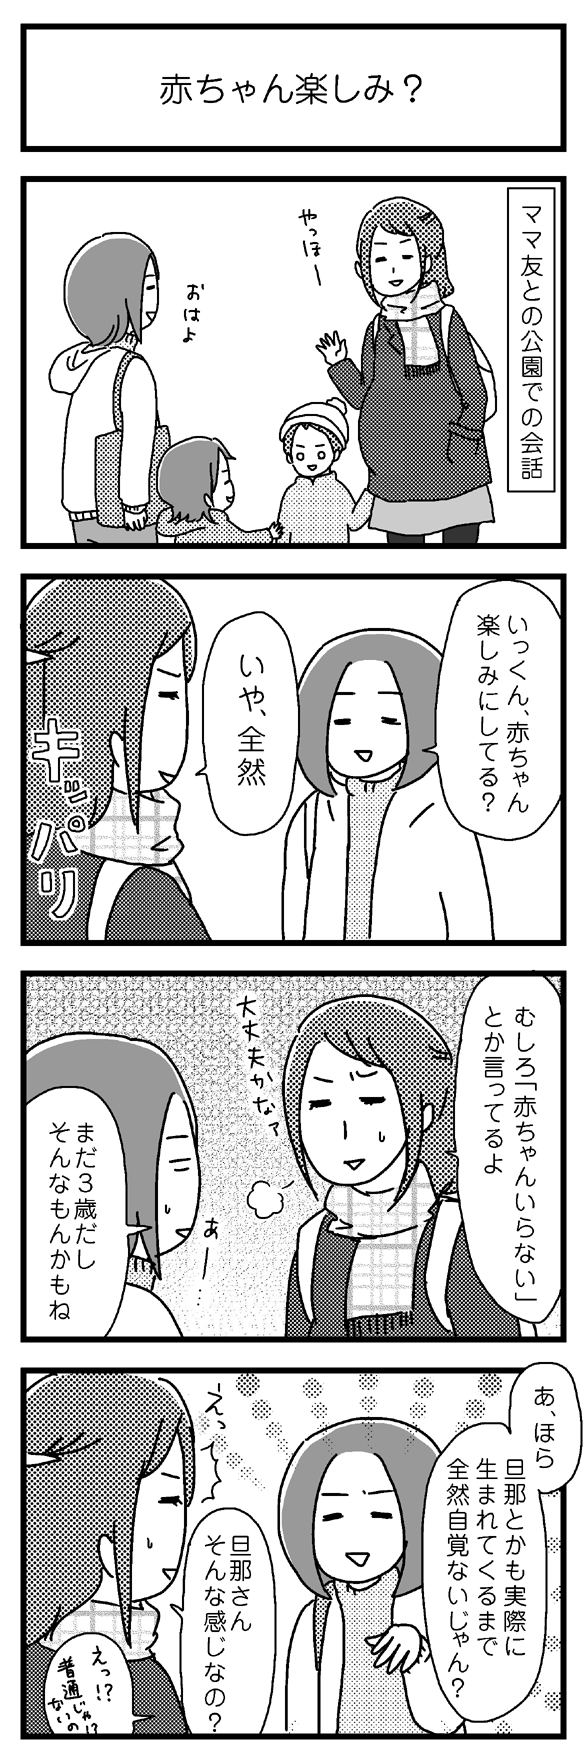 icchomae249_01